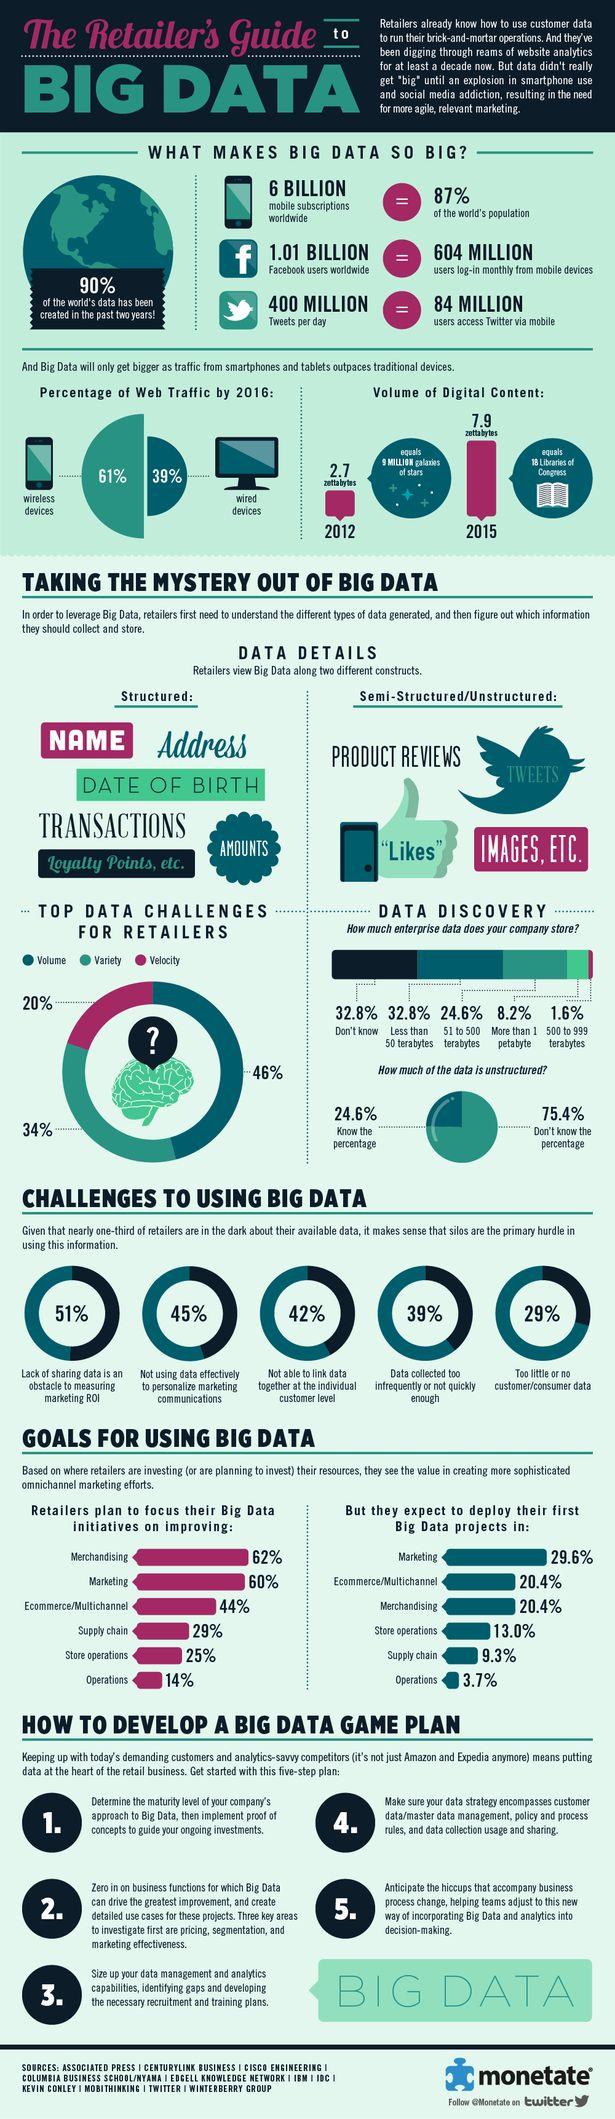 Guia do varejista para grandes dados. (Mídias Sociais, Facebook, Twitter e Google)